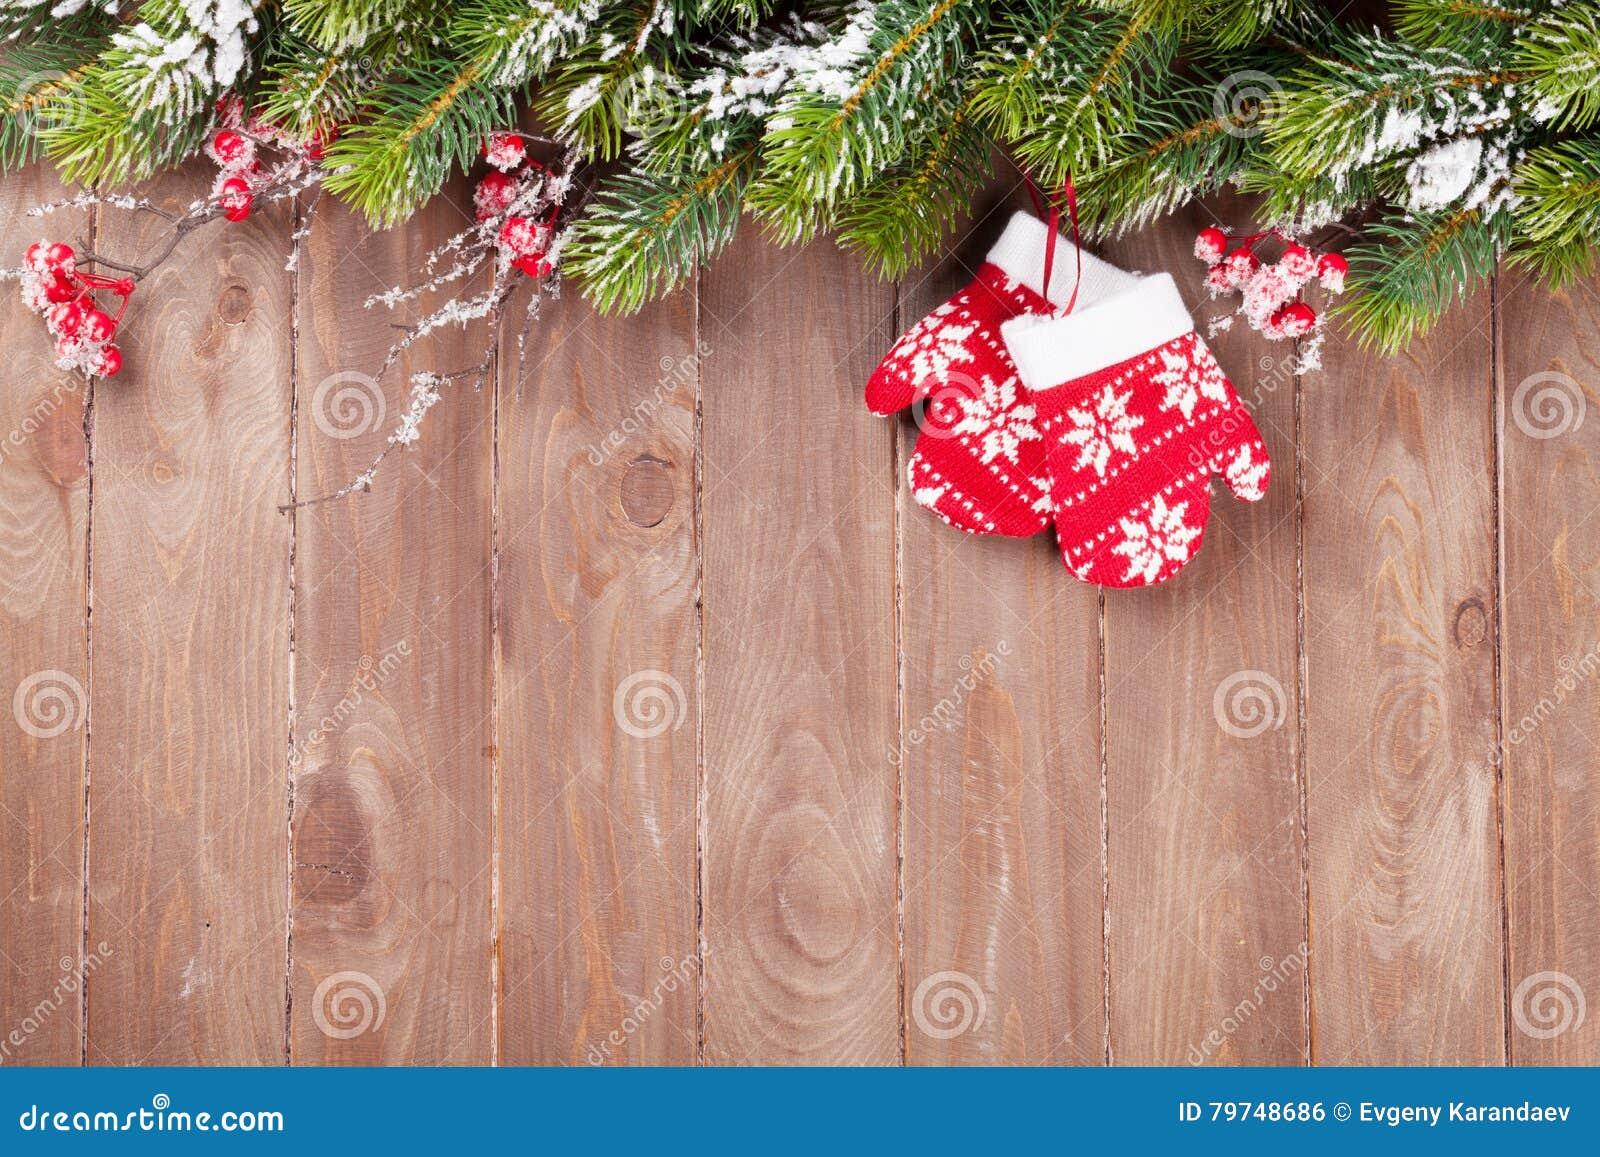 Fondo de la Navidad con el árbol de abeto y la decoración